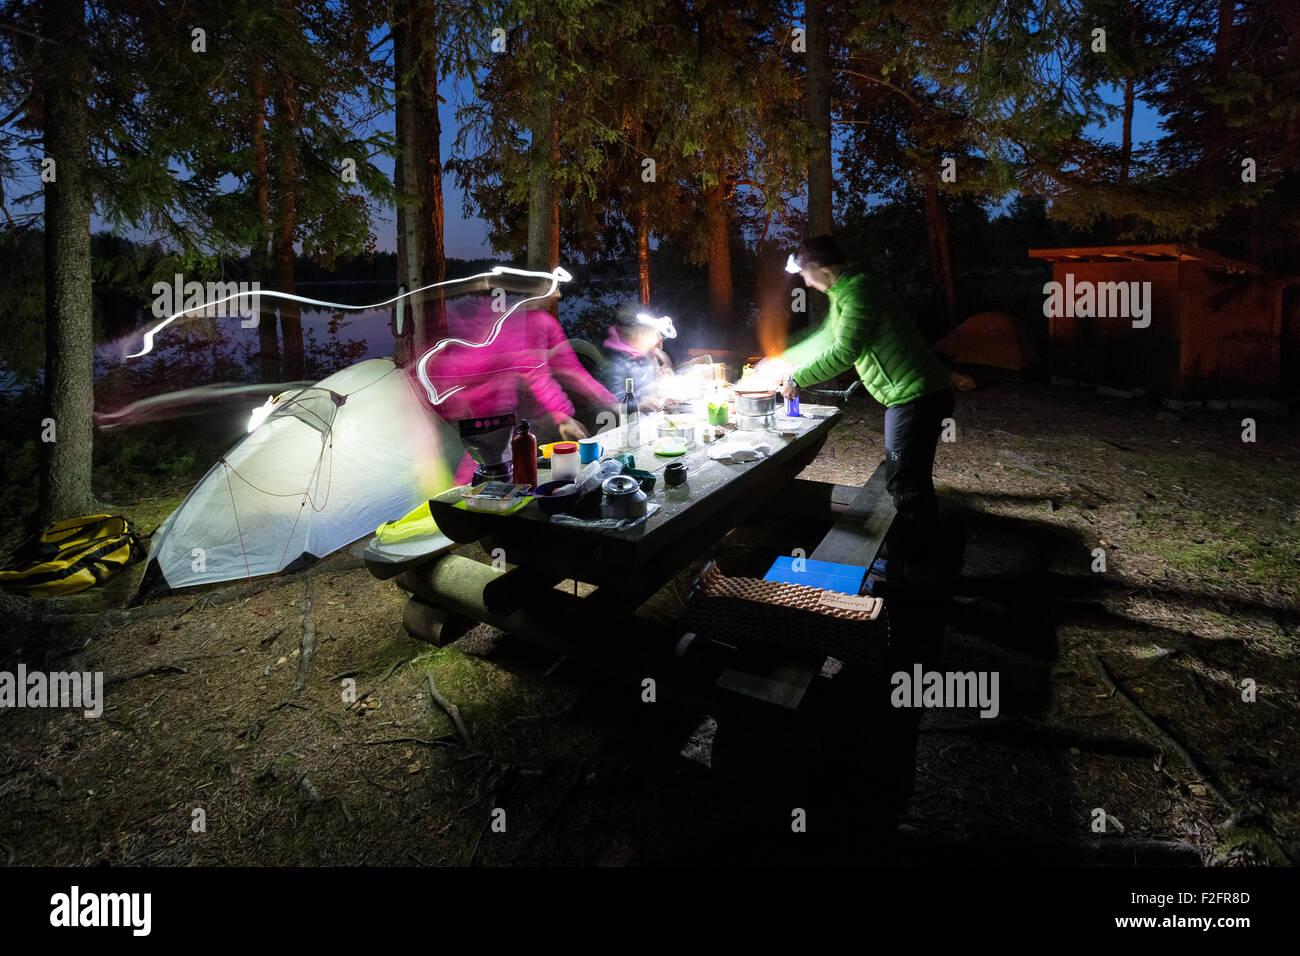 Los preparativos de la cena en la isla Pirkonsaari Petäjävesi, Finlandia, Europa, UE Imagen De Stock